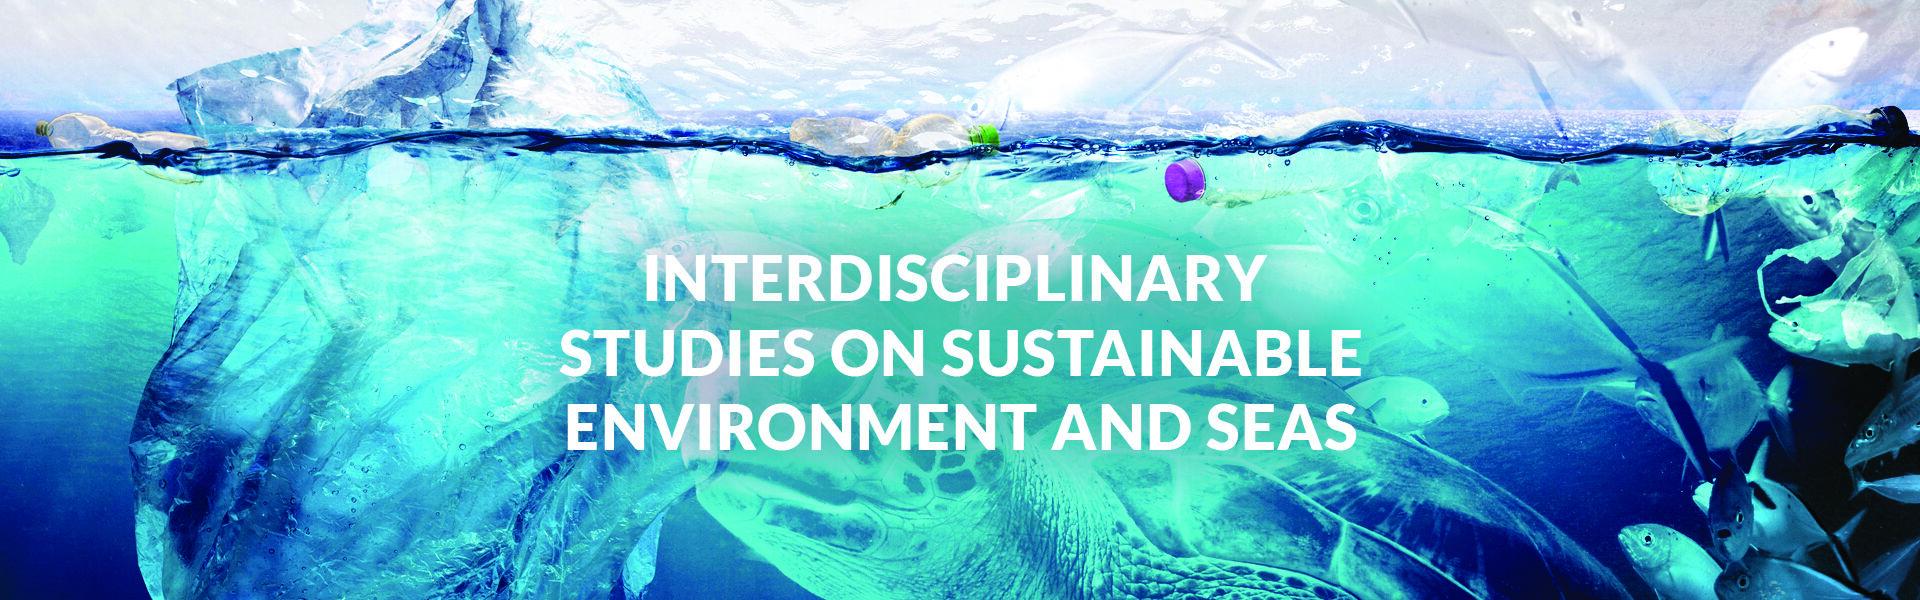 Ulisses - University of Lisbon Interdisciplinary Studies on Sustainability an Seas